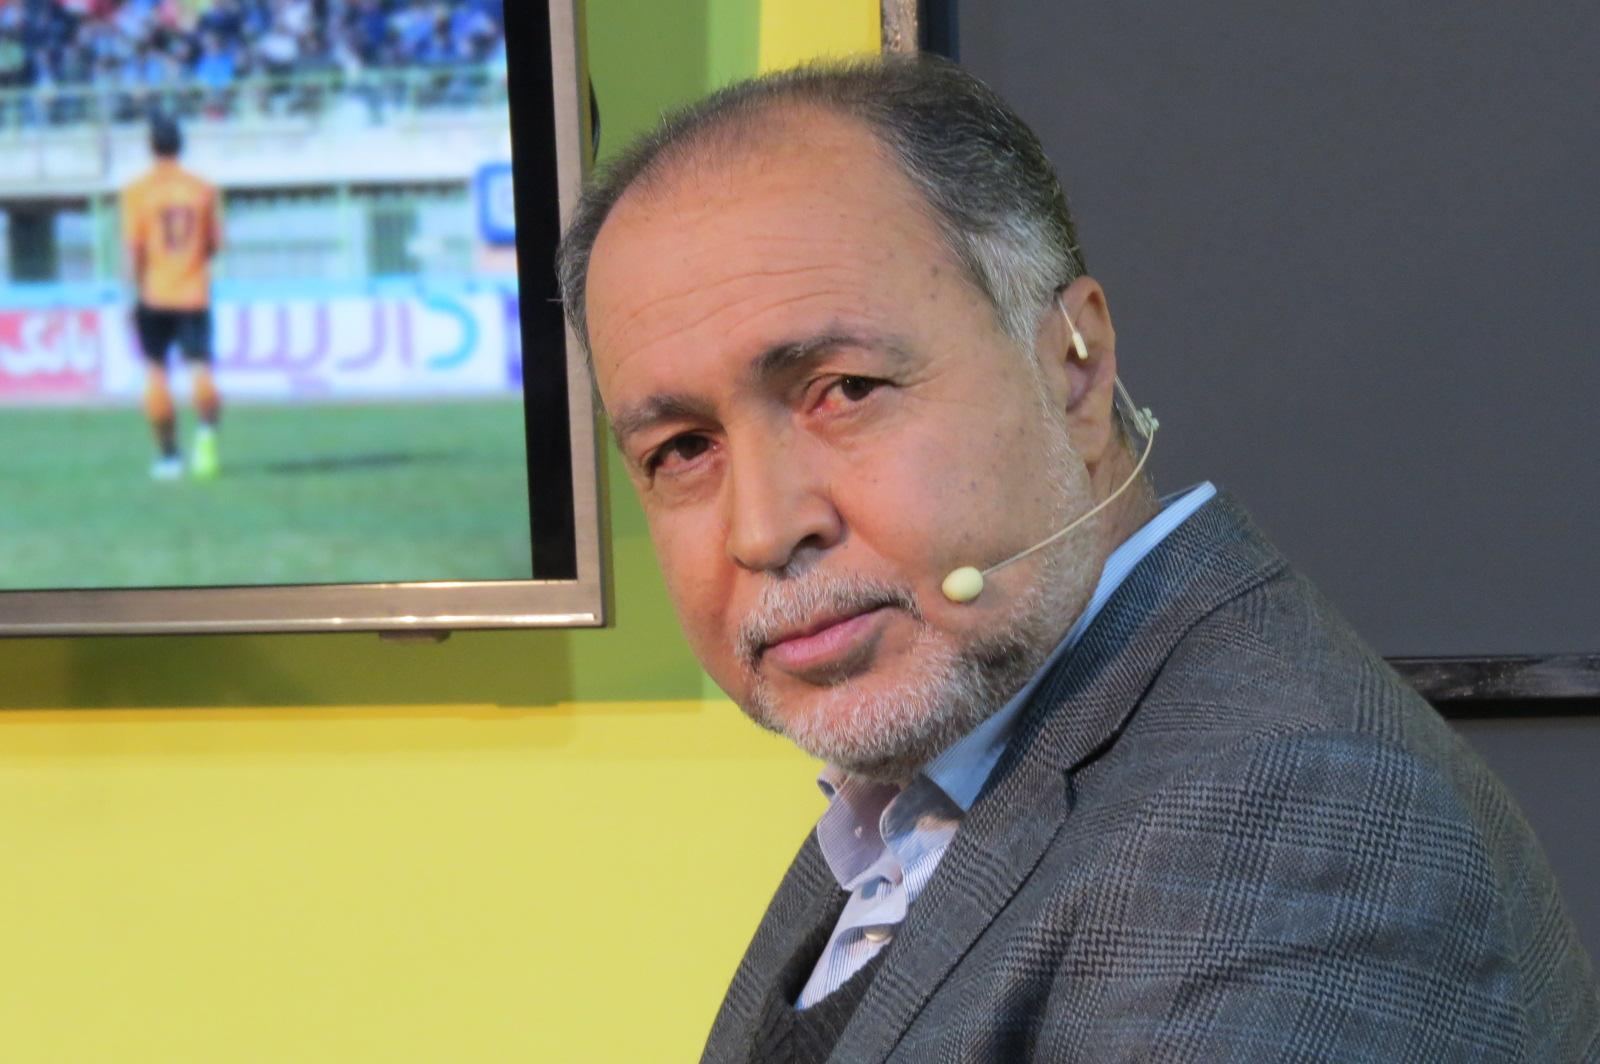 مجله تصویری رو در رو - قسمت (10) - گفتگوی صریح و دیدنی با حمید نیکنفس مدیرعامل سابق باشگاه مس کرمان